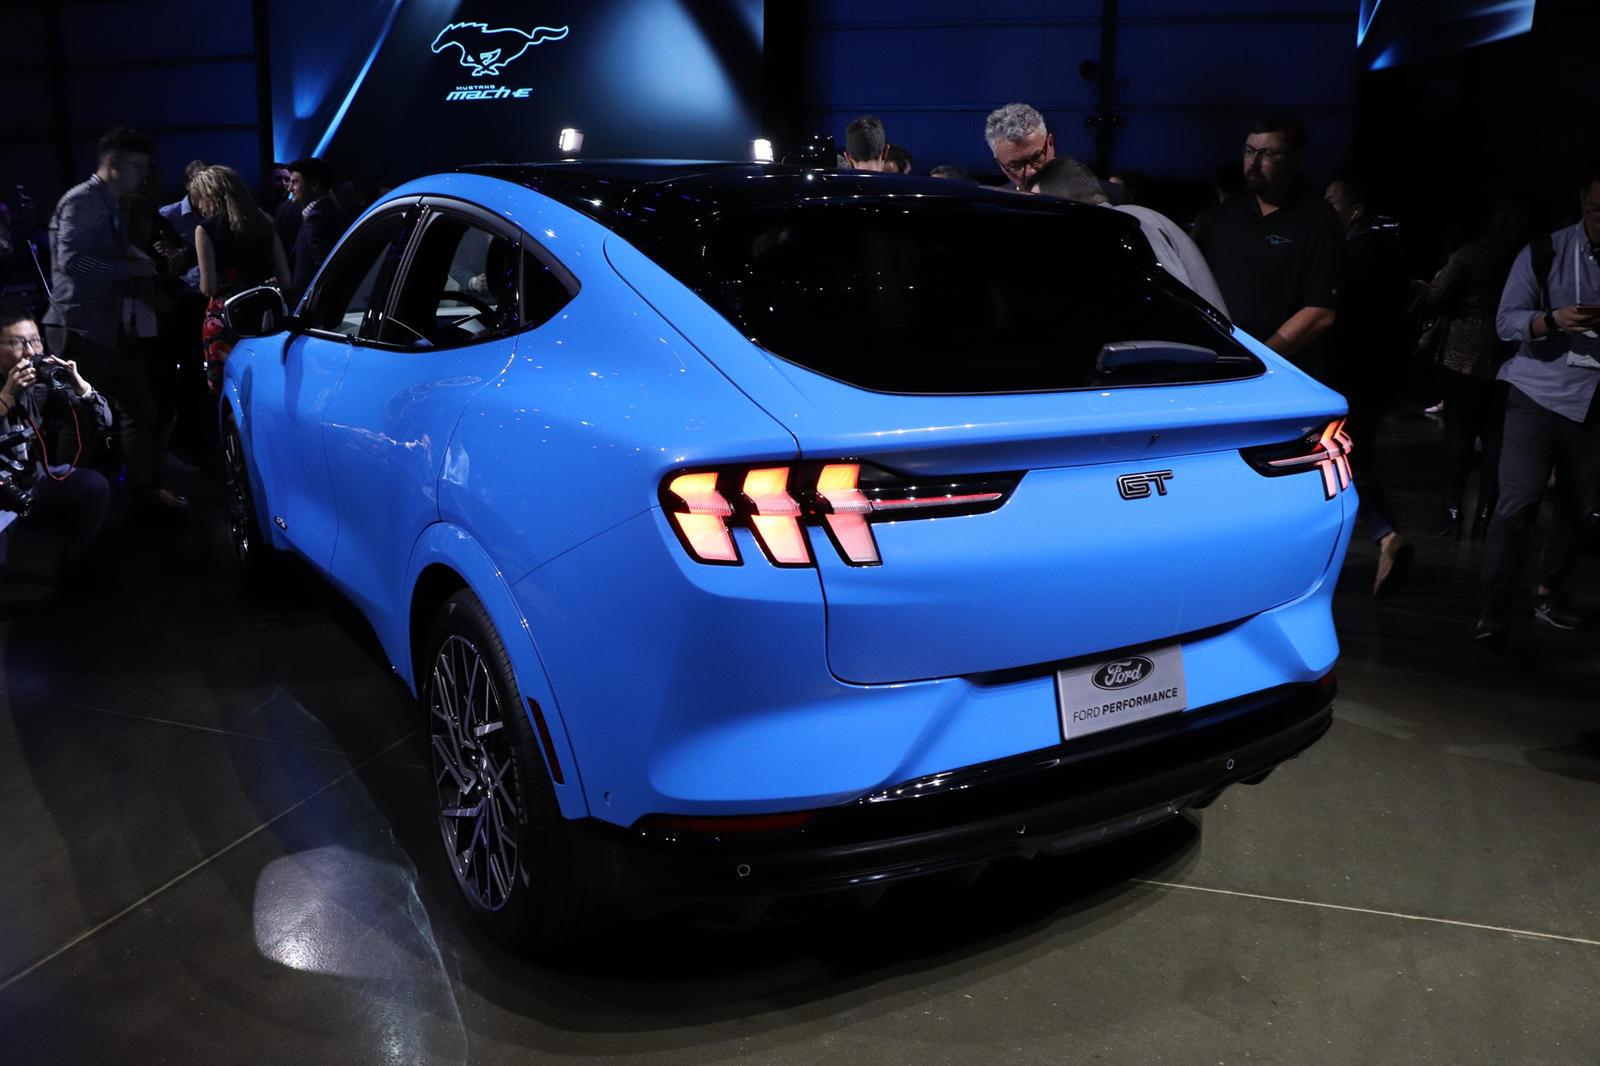 Чуть более недели назад 2021 Ford Mustang Mach-E дебютировал в мире, а затем был показан публике на автосалоне в Лос-Анджелесе. Неудивительно, что спрос на первый в мире электрический внедорожник Ford кажется высоким, поскольку Mustang Mach-E First E